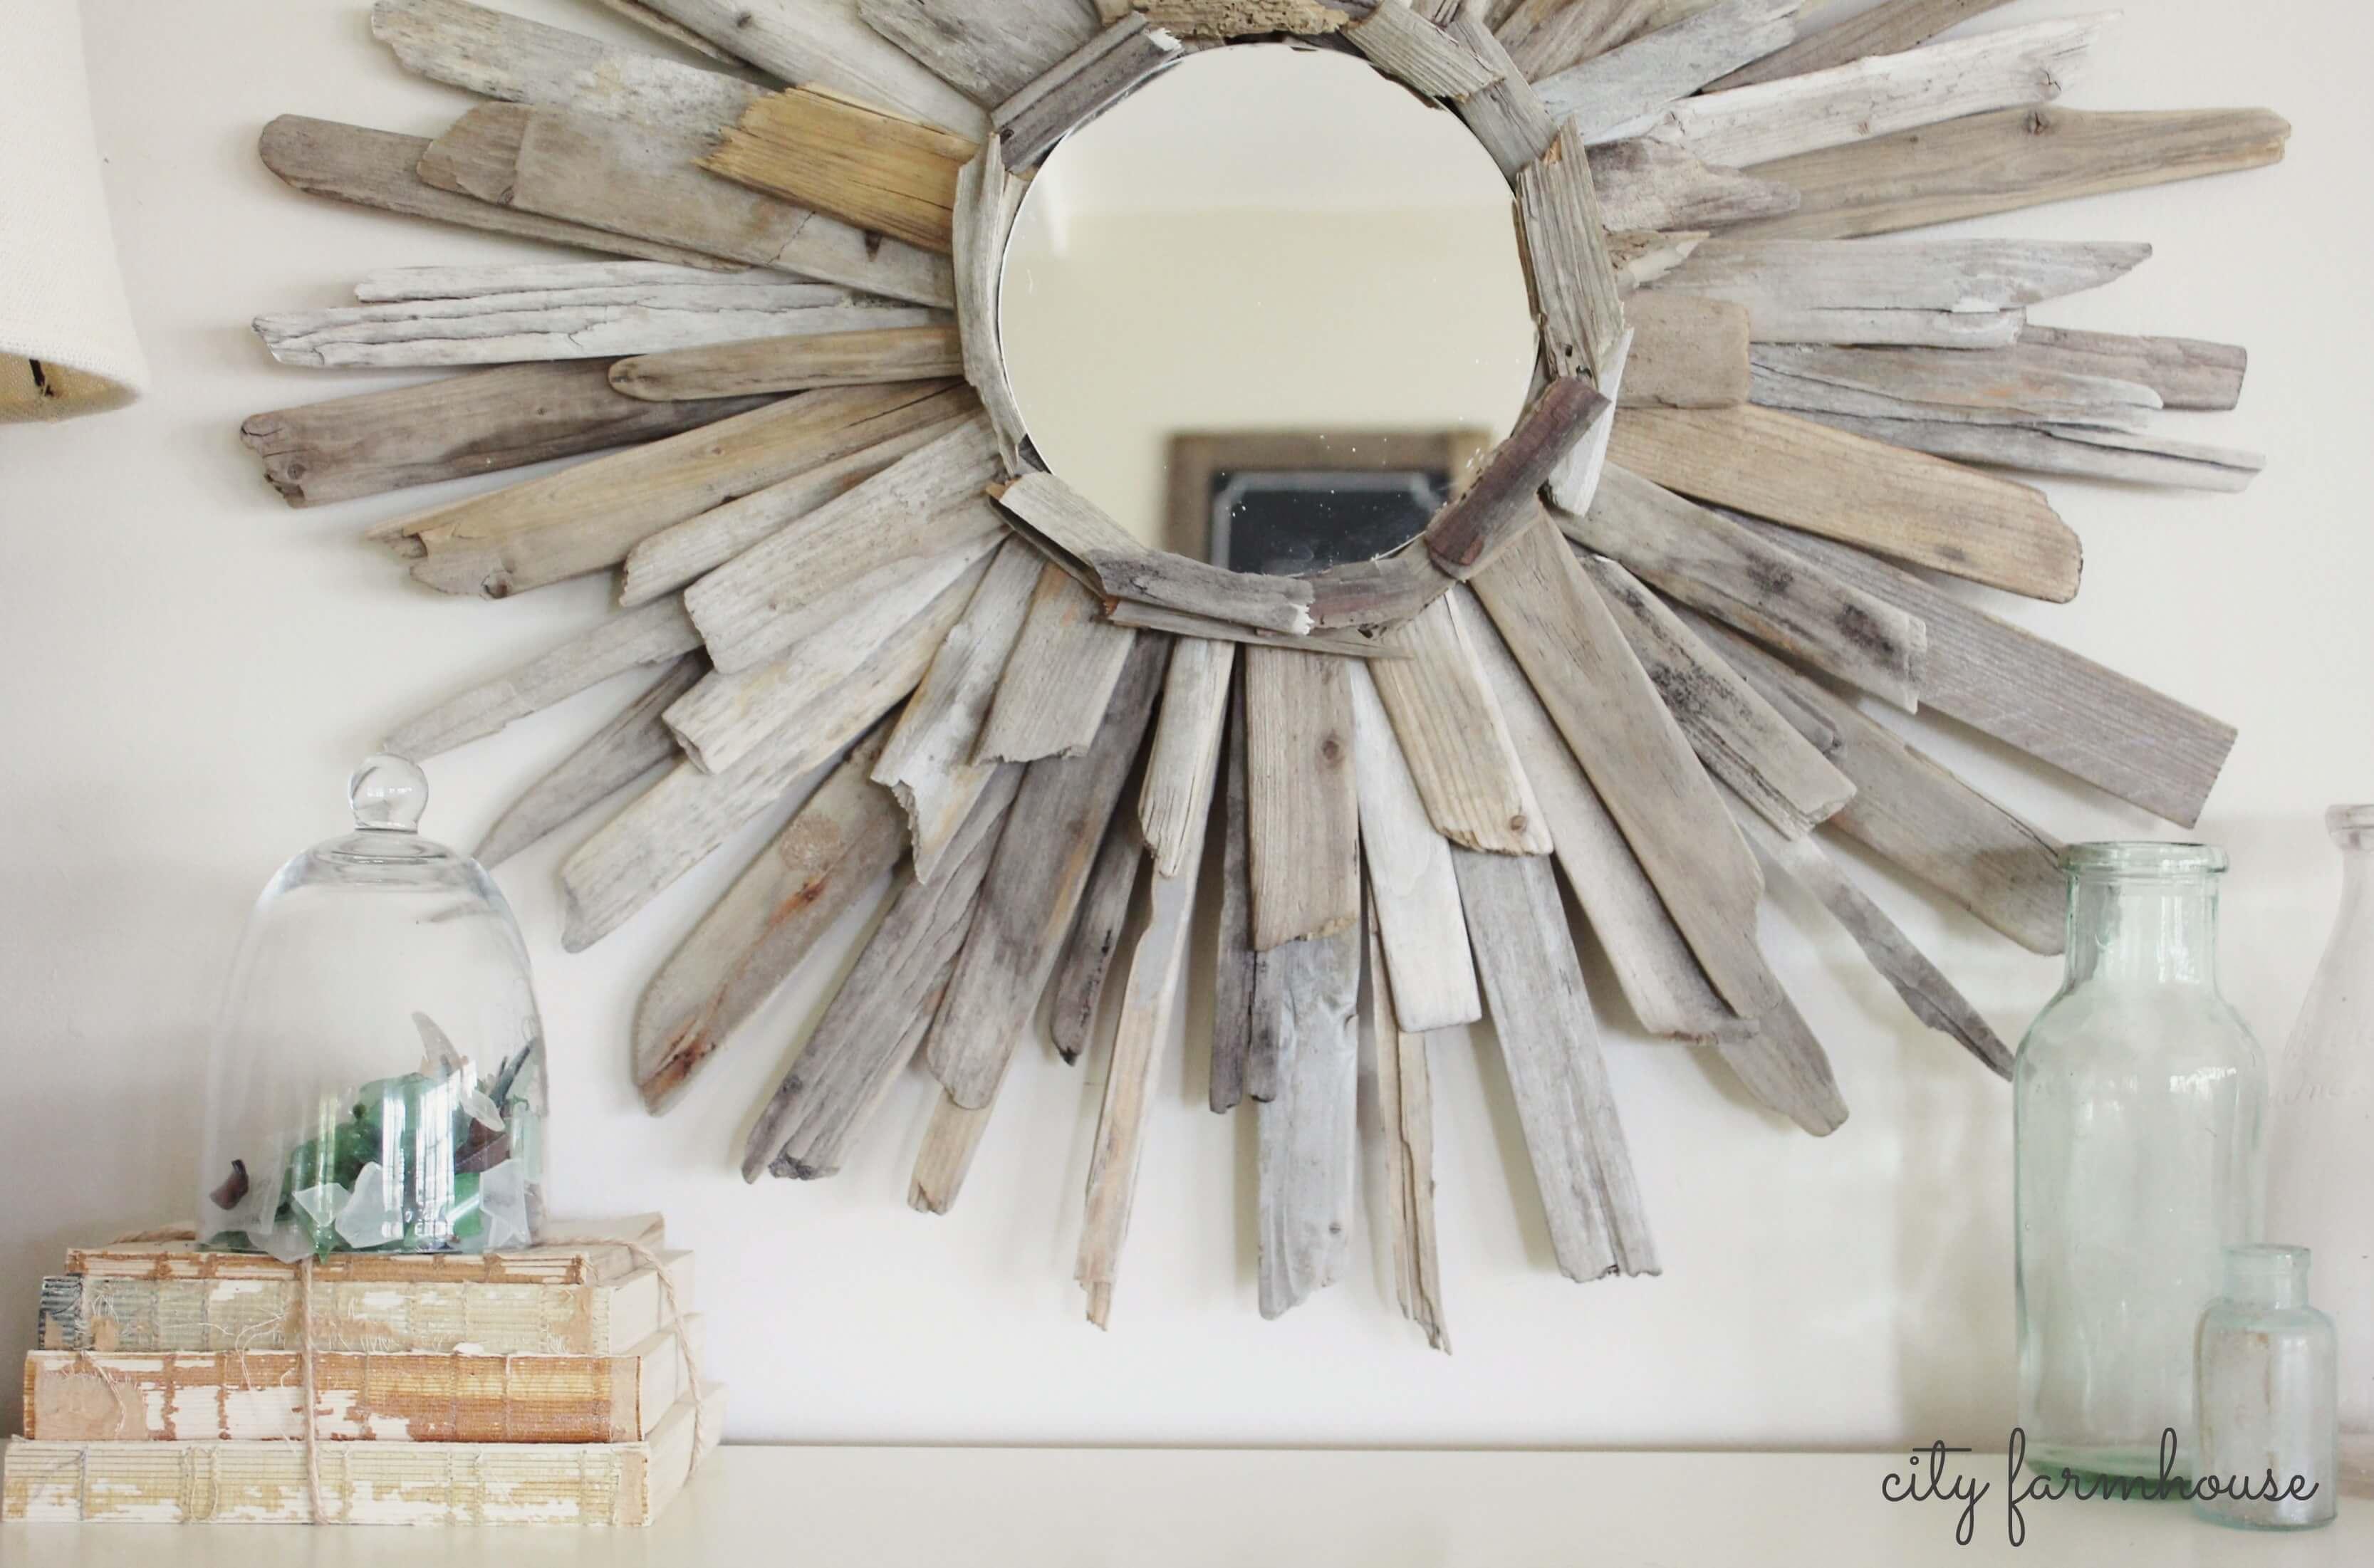 The much beloved driftwood mirror